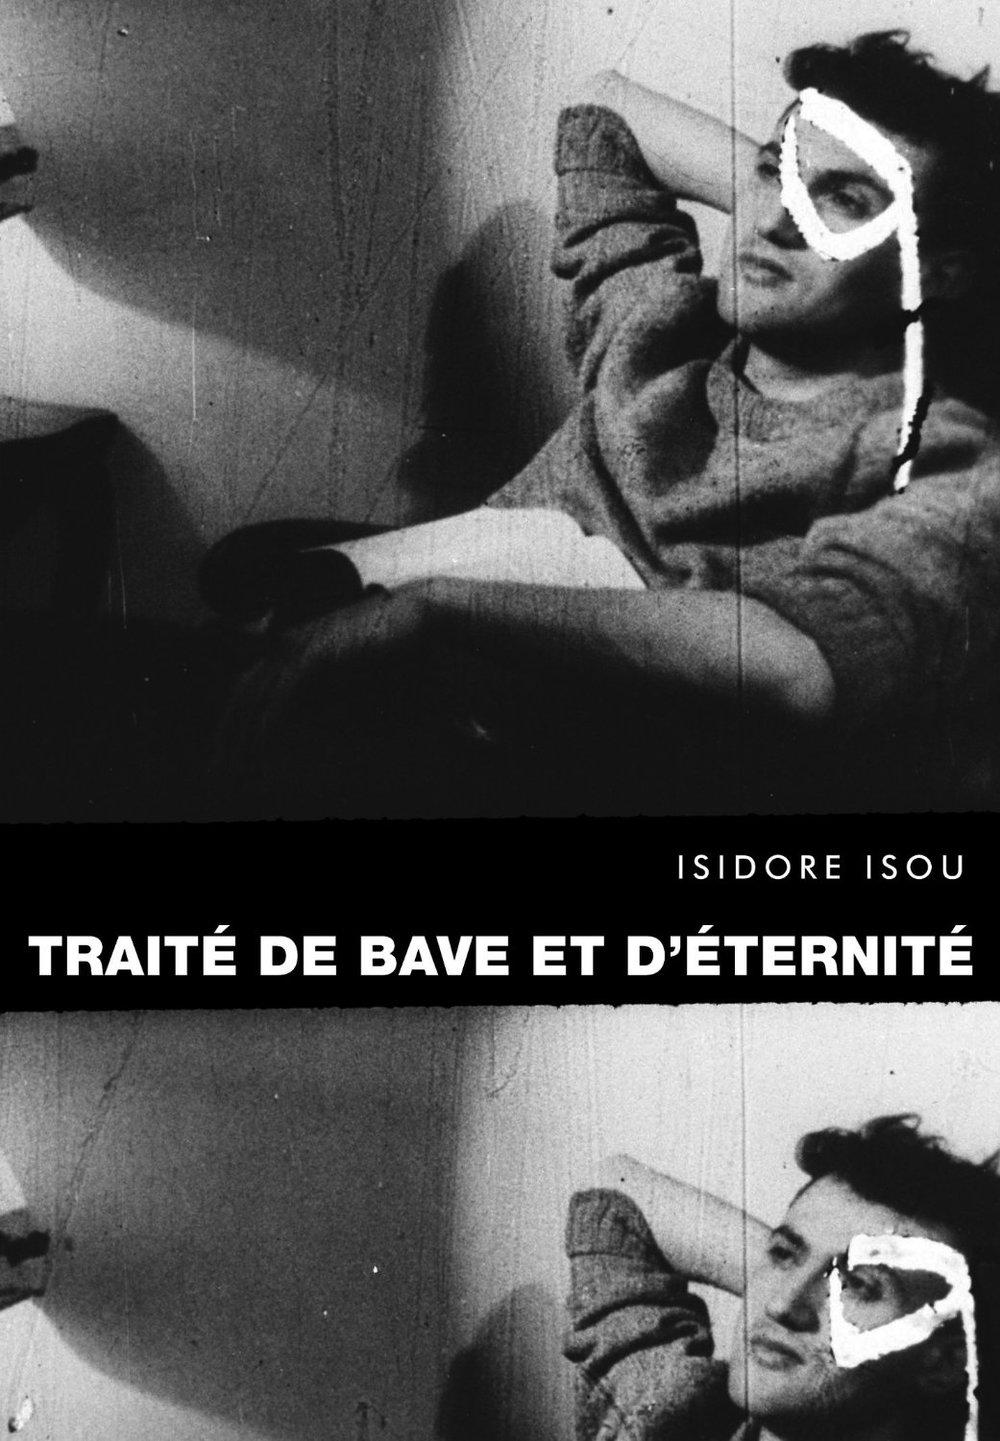 TRAITÉ DE BAVE ET D'ETERNITÉ cover.jpg